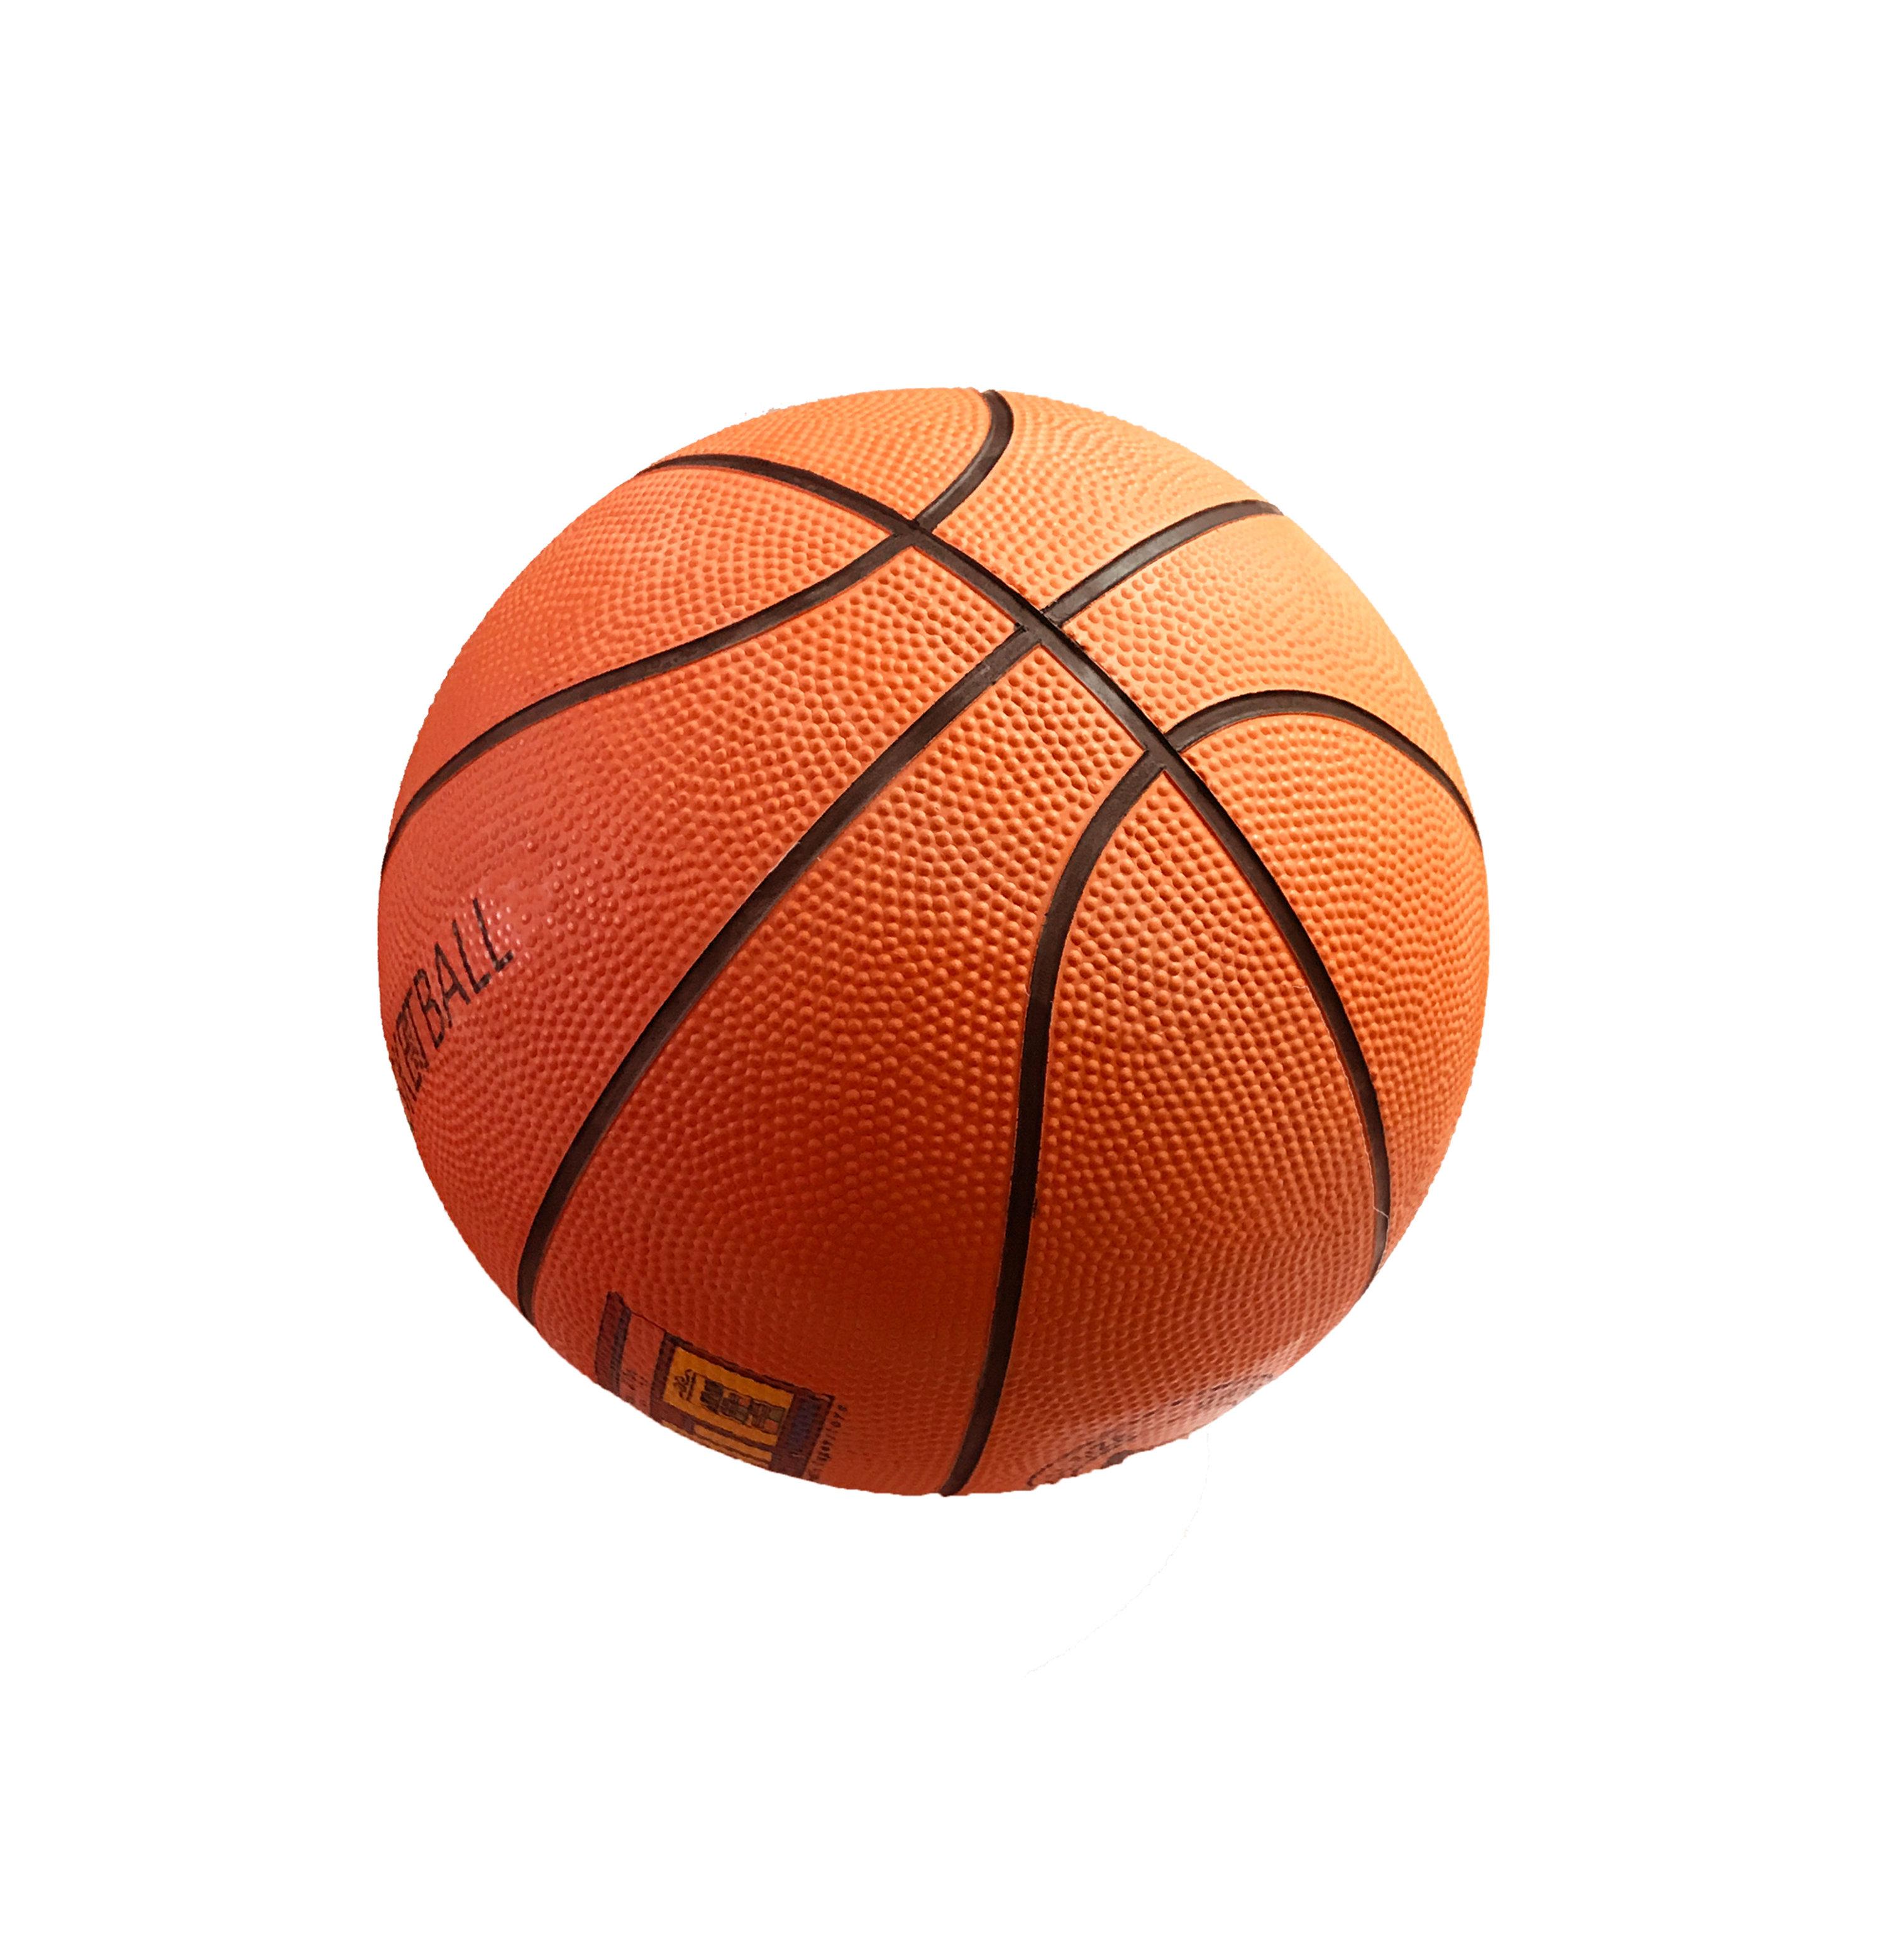 fc4bef6733 BALON DE BASKETBALL PARA CIEGOS | braillechile-1